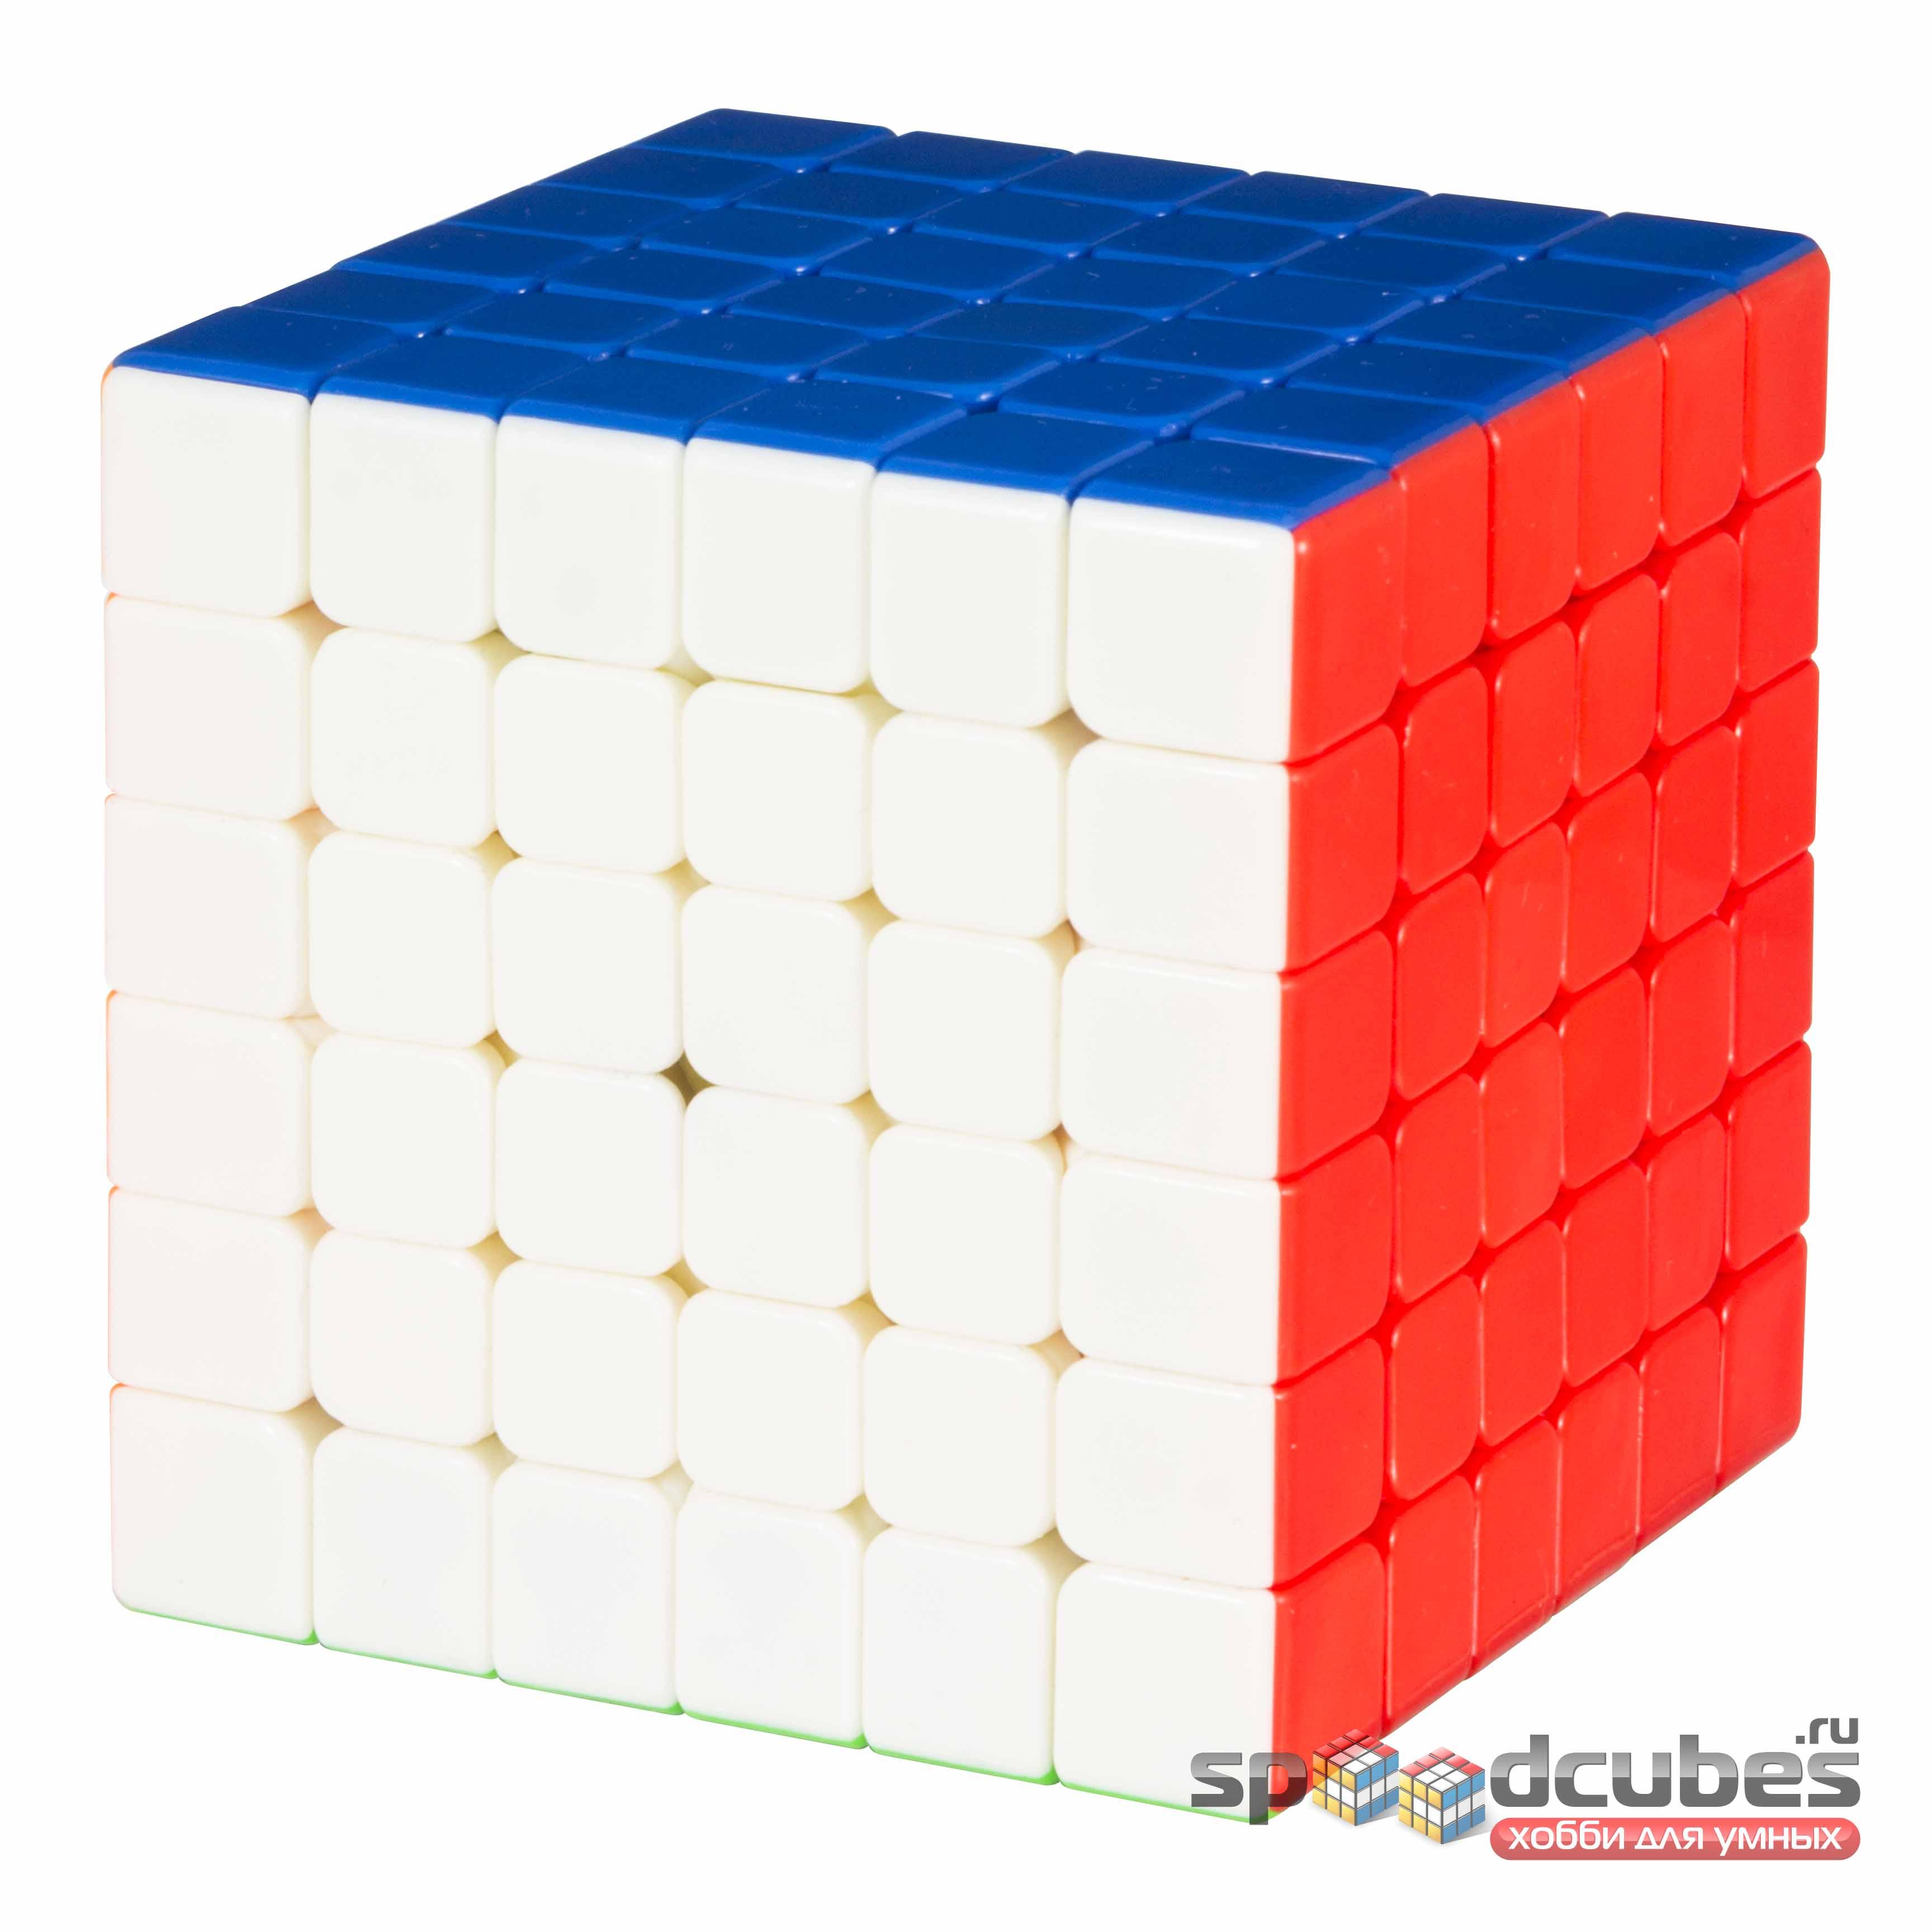 YJ 6x6x6 RuiShi (цв)